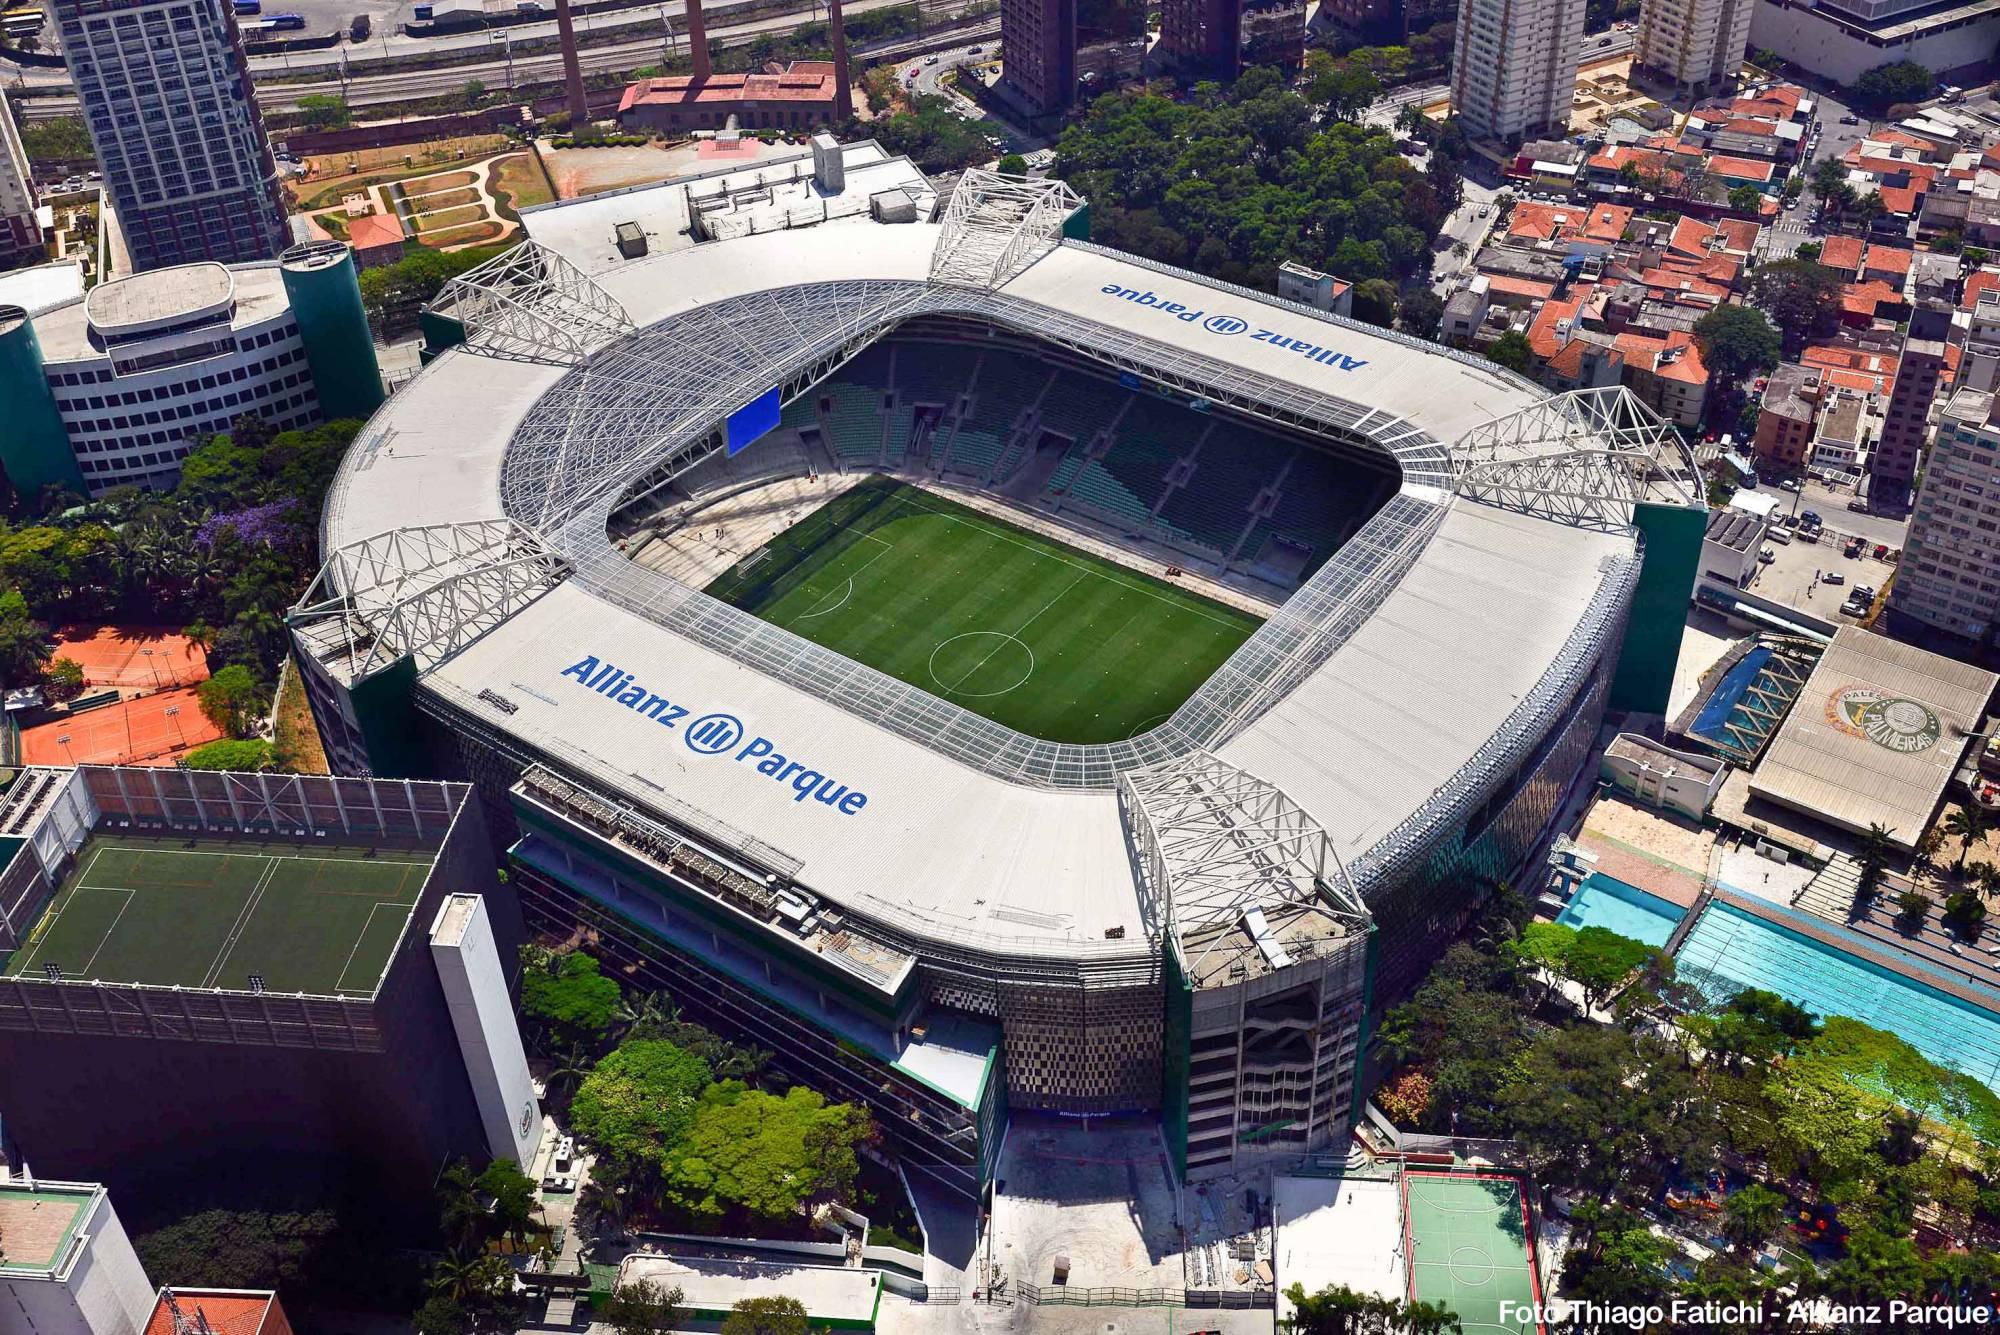 Resultado de imagen para CITY TOUR CON MUSEO DE FUTBOL sao paulo